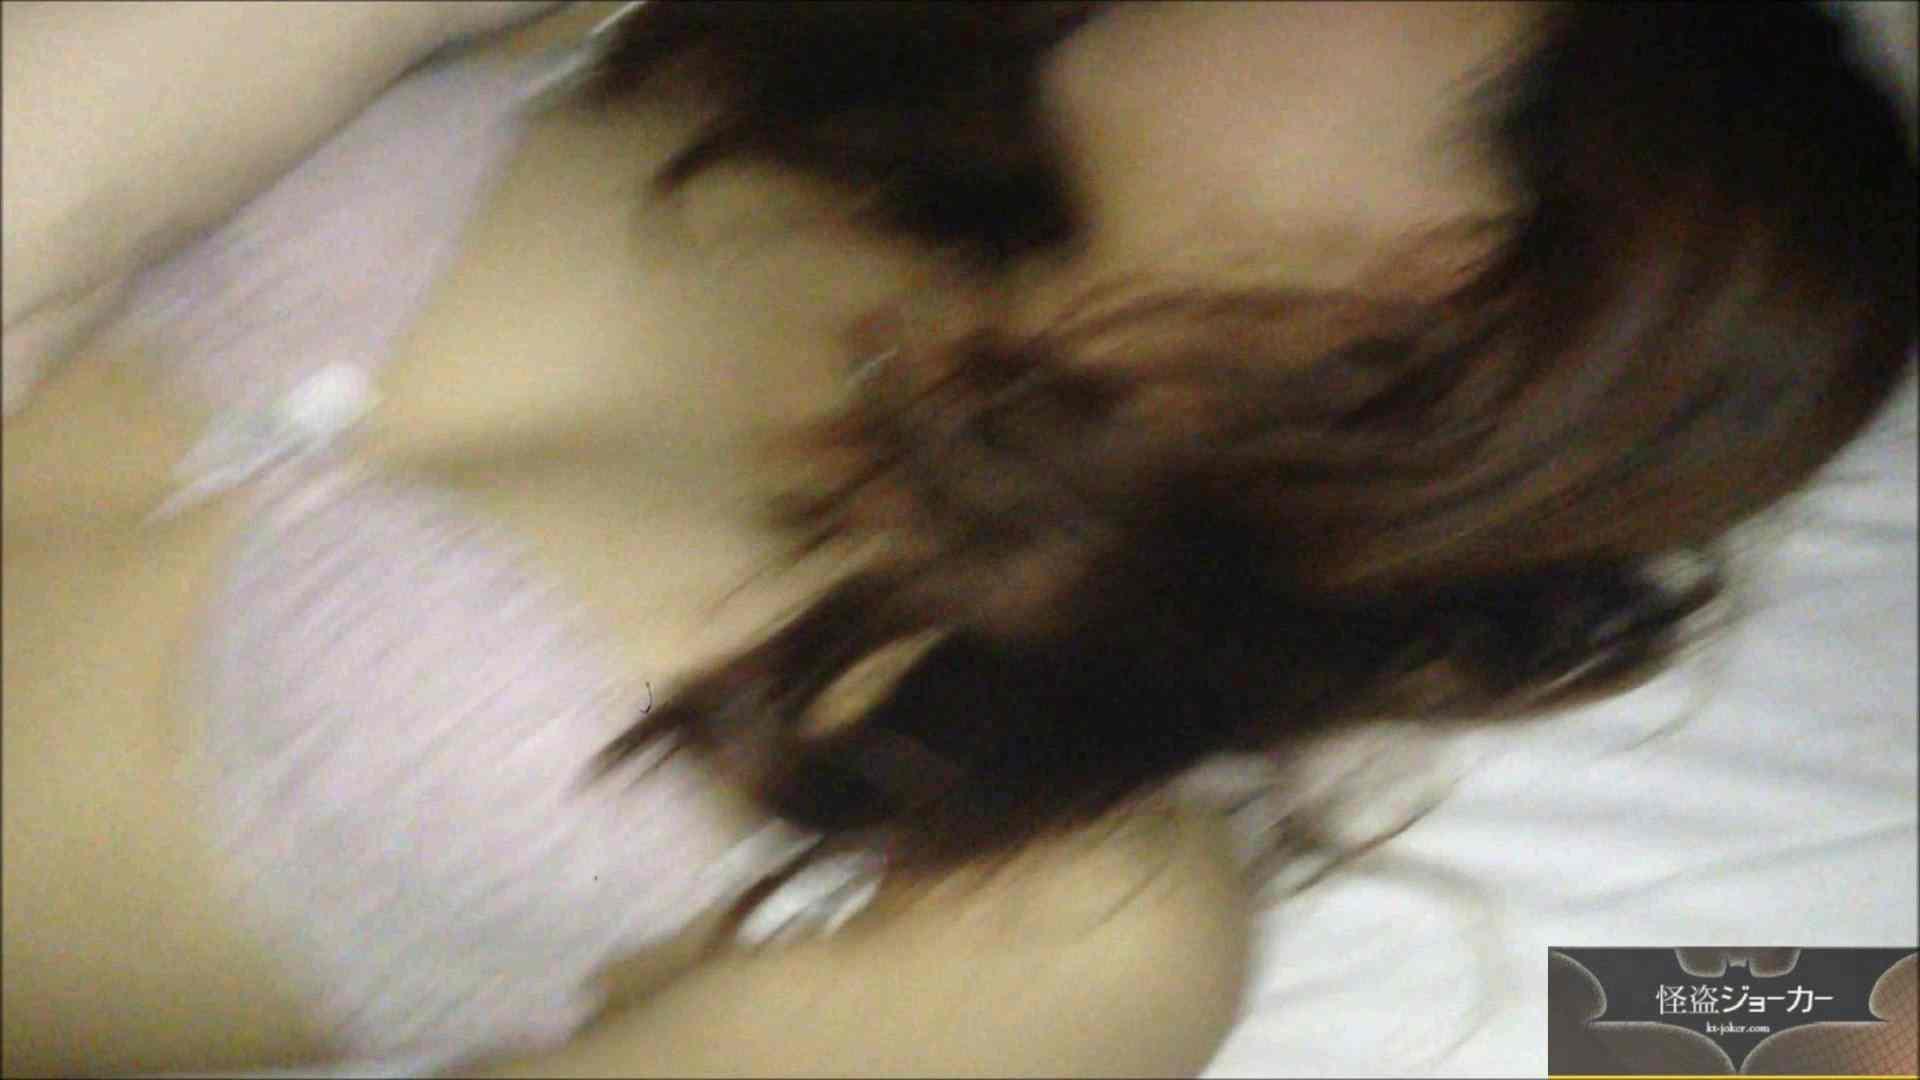 【未公開】vol.66 {現役JDの友達2人組}セクシー系ギャルH・Kちゃん③ ギャル   エッチすぎるOL達  93連発 31